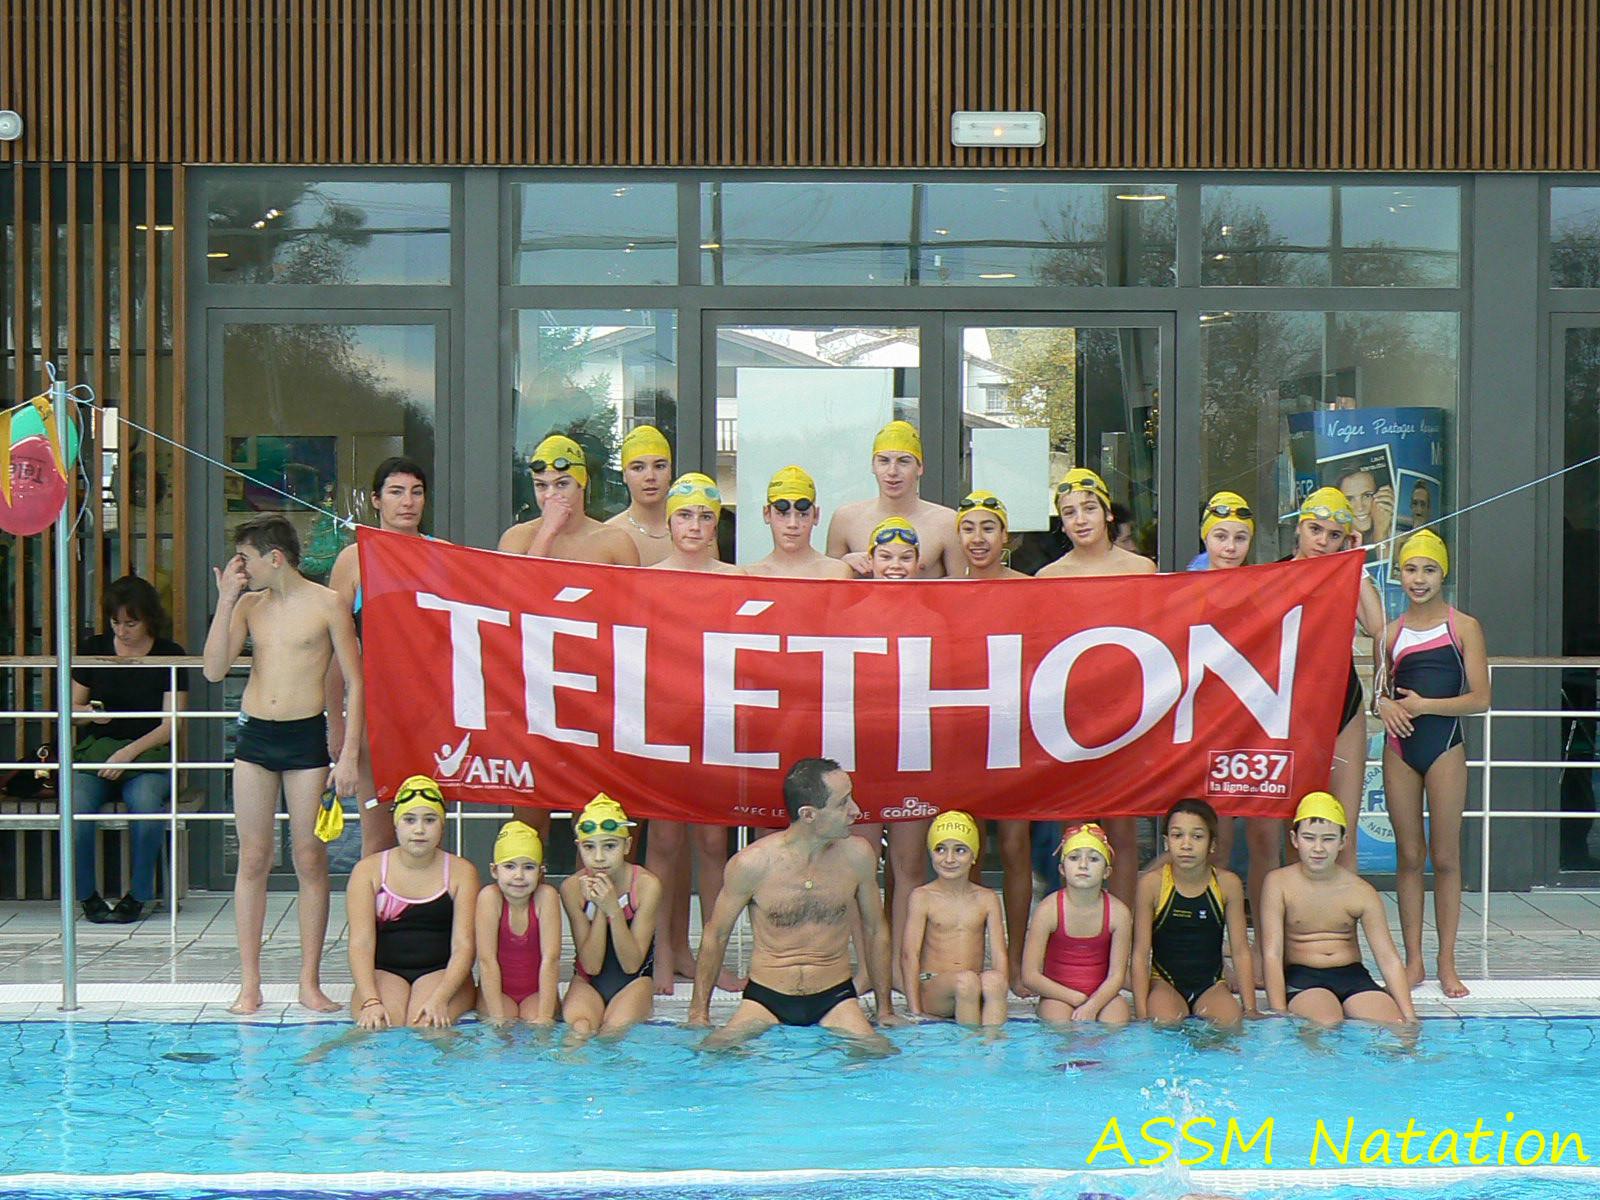 telethon2009_20